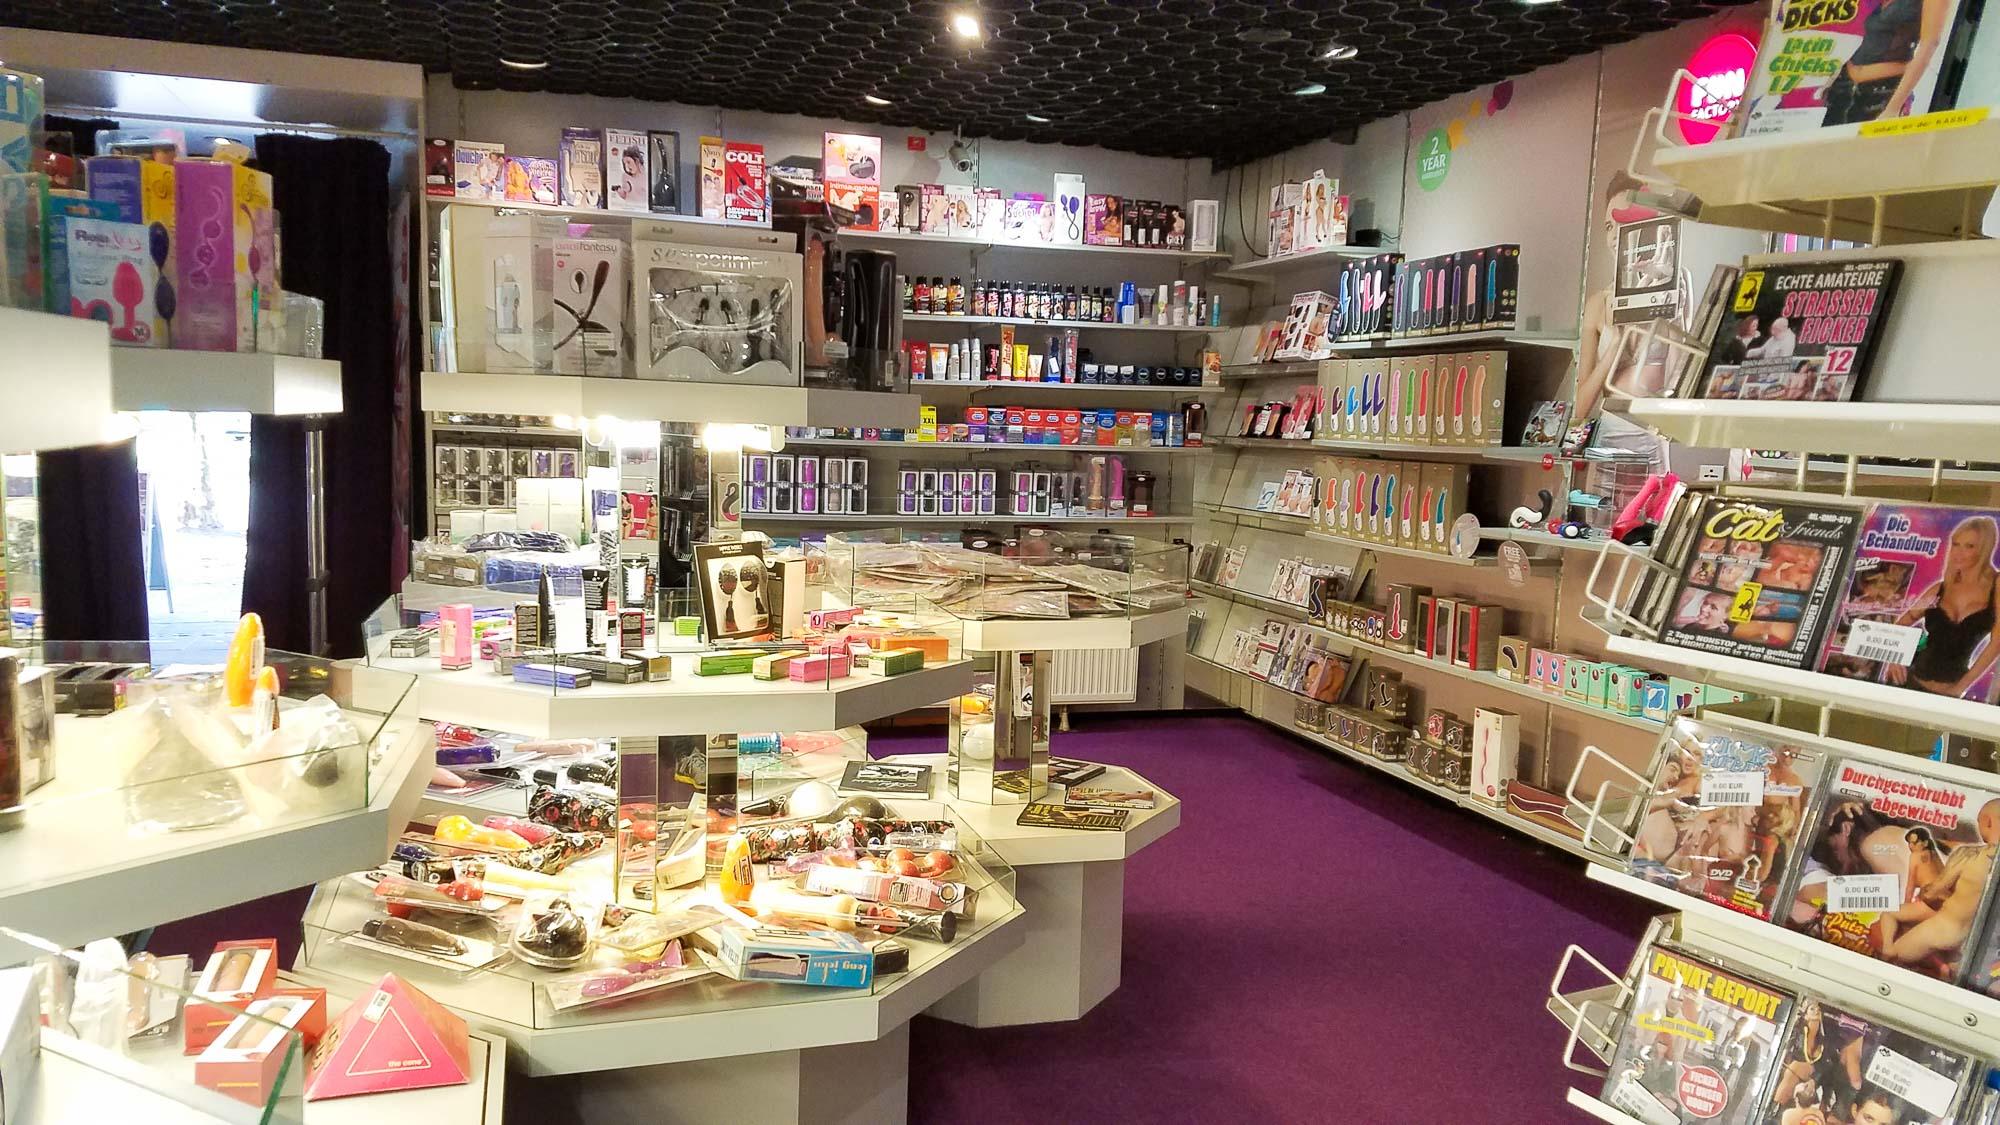 Inside Erotika-Shop in Bremen, Germany.